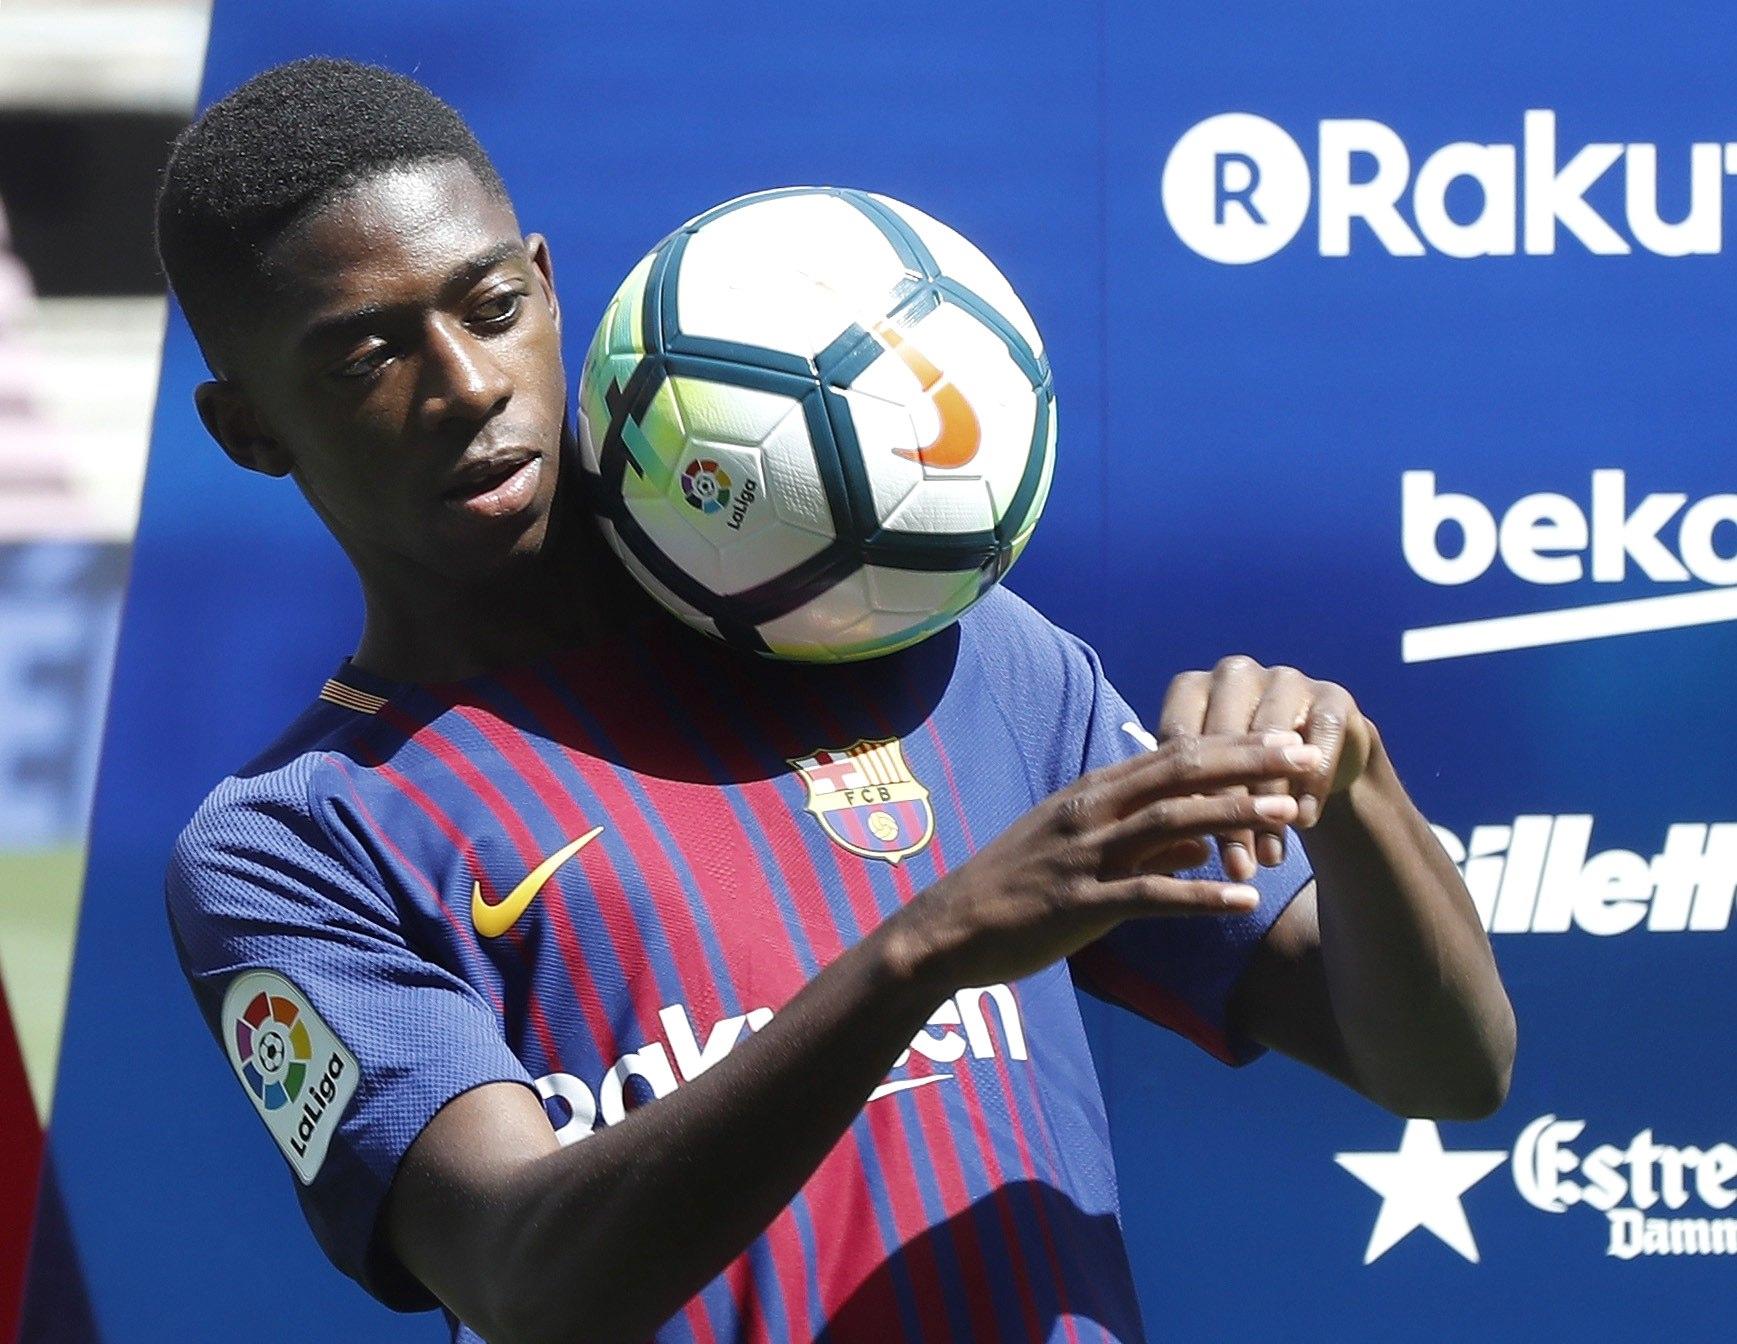 Técnico do Barcelona culpa inexperiência de Dembélé por lesão